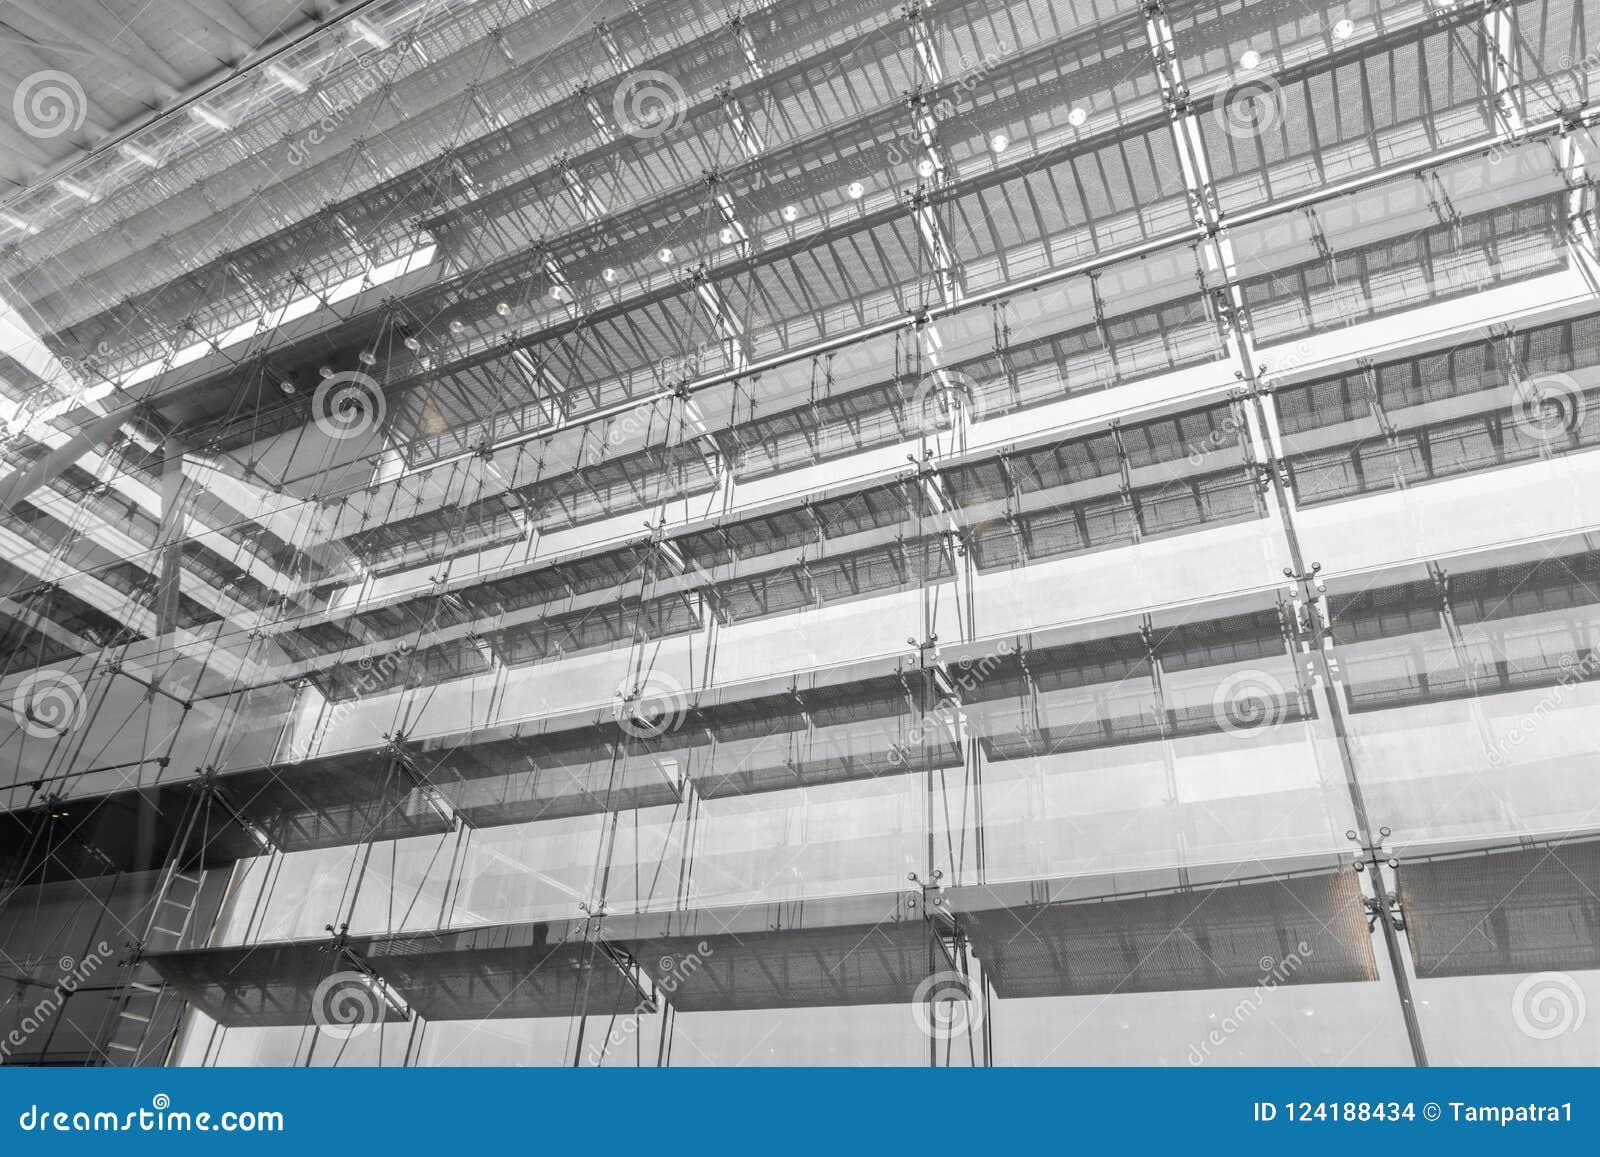 Tejado De La Estructura De Acero Del Edificio De Oficinas Fachada De ...